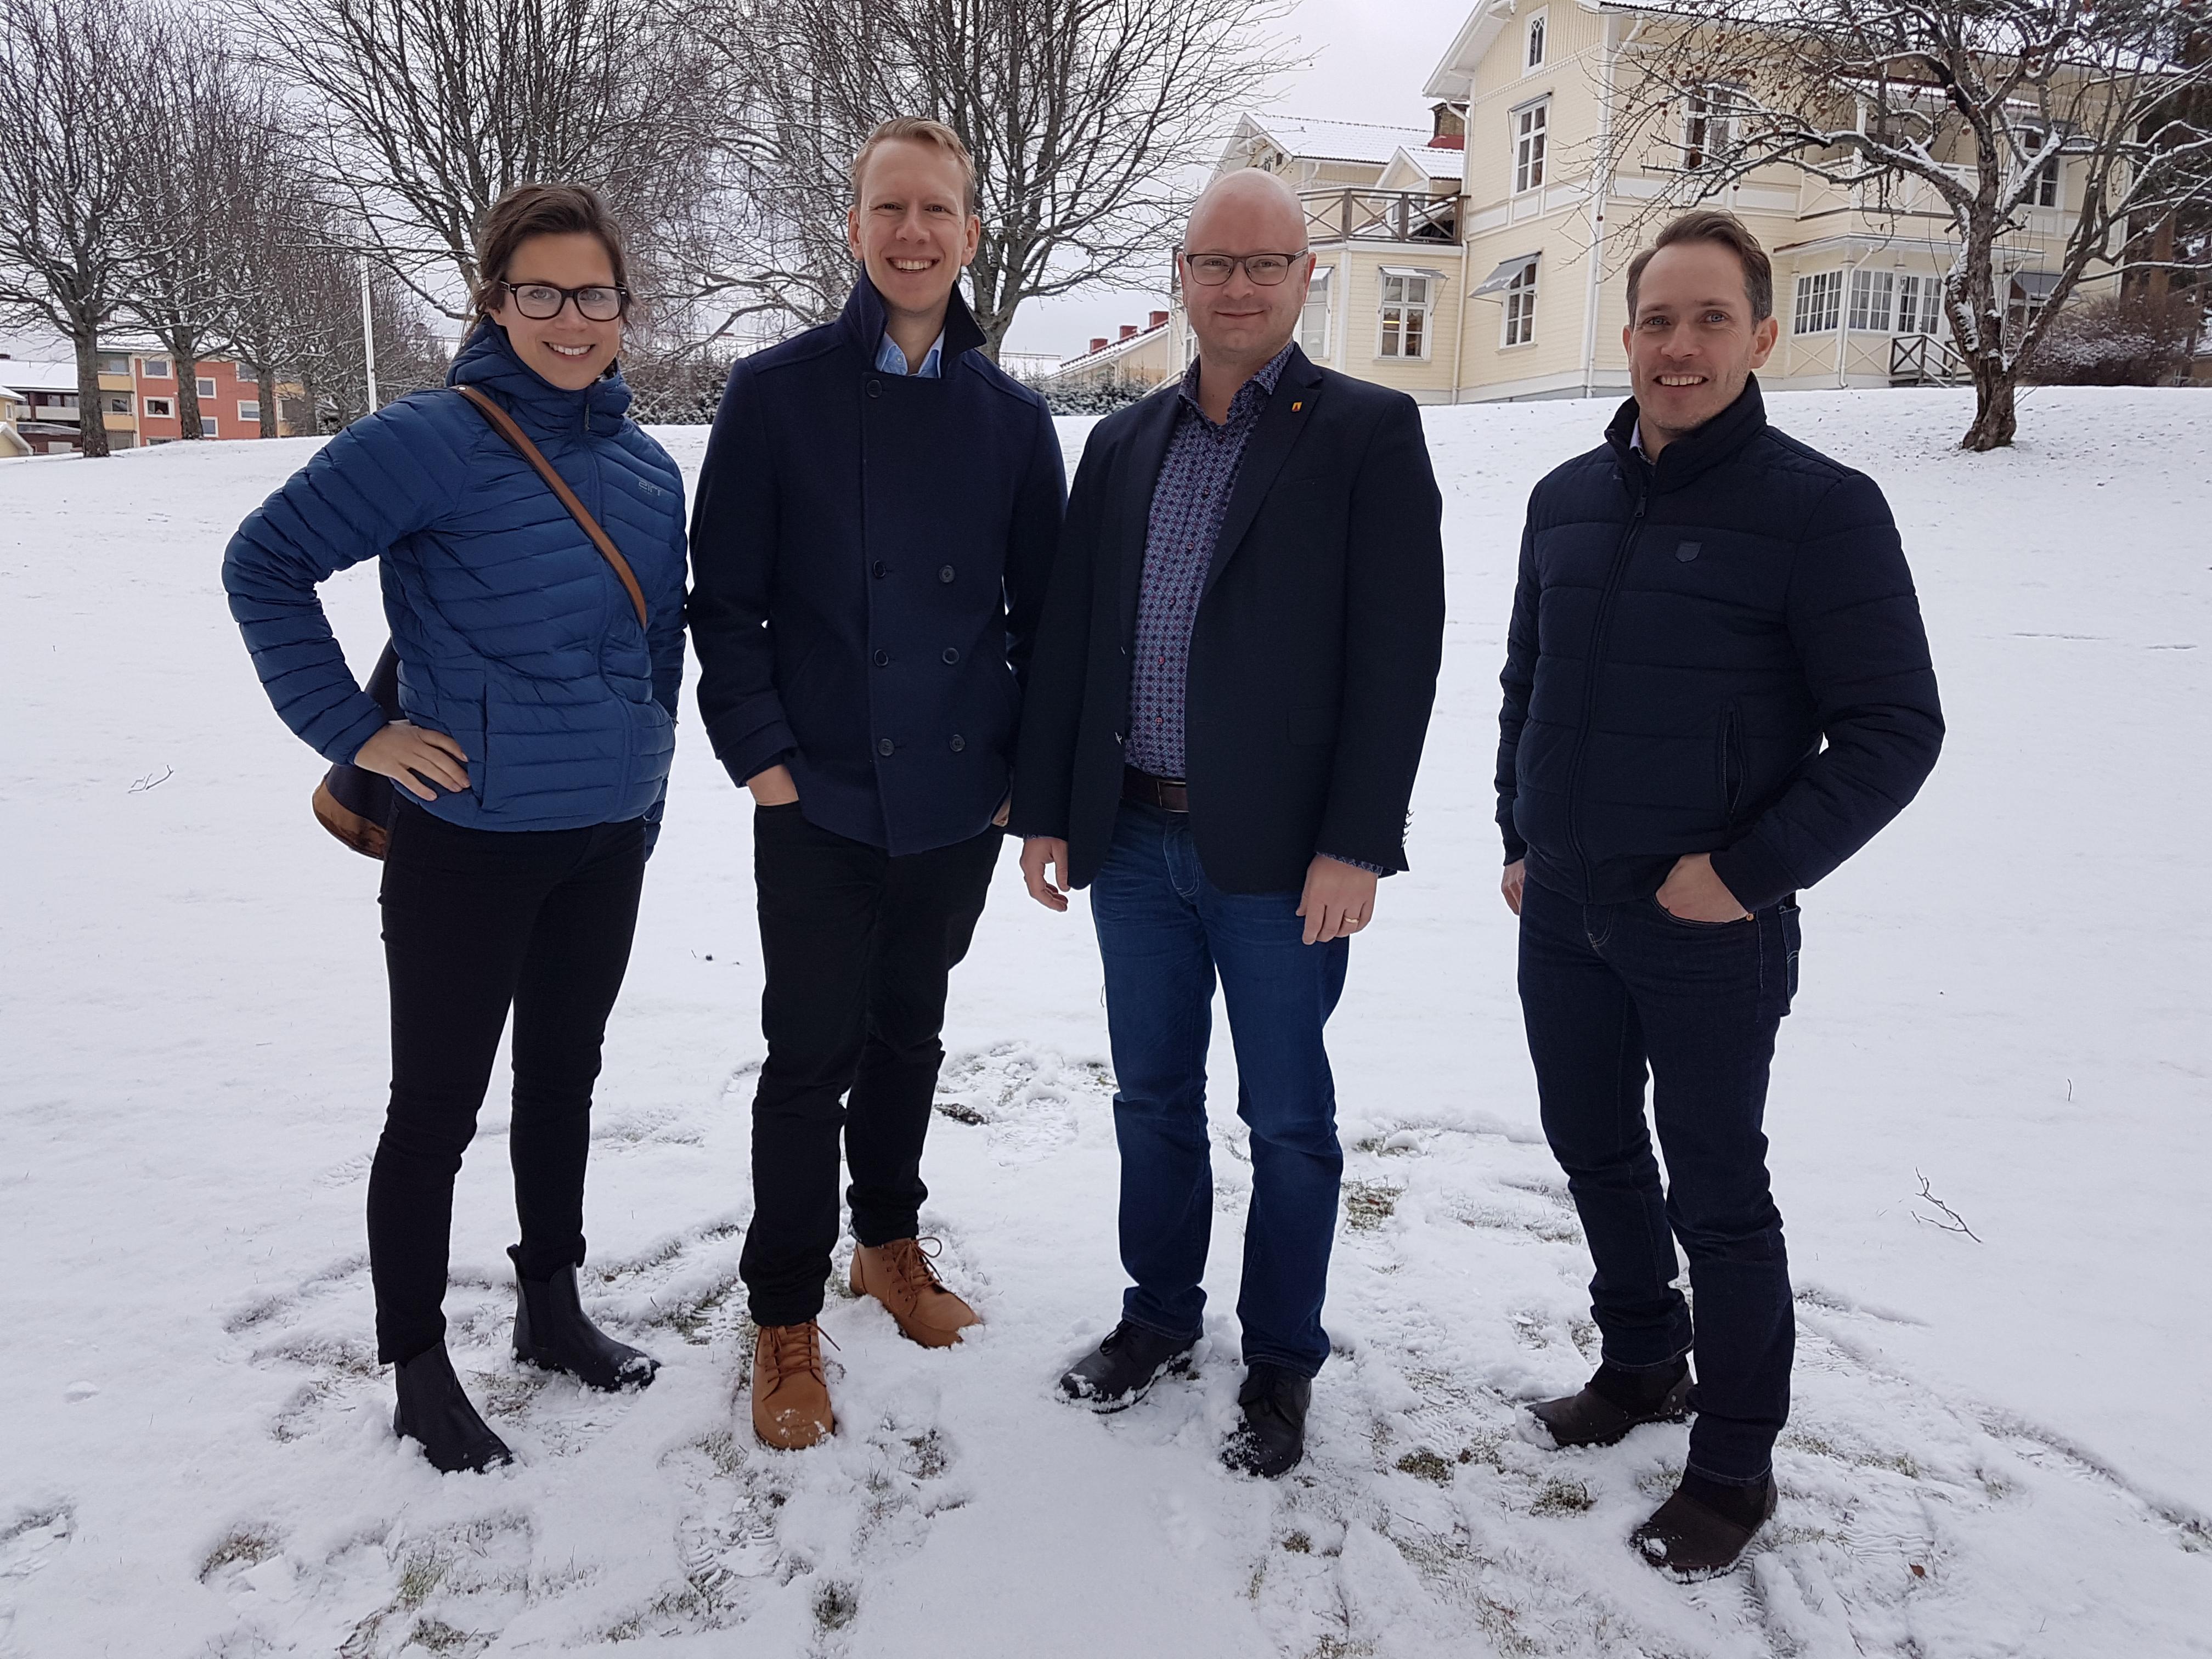 ppen verksamhet i Vsters   unam.net